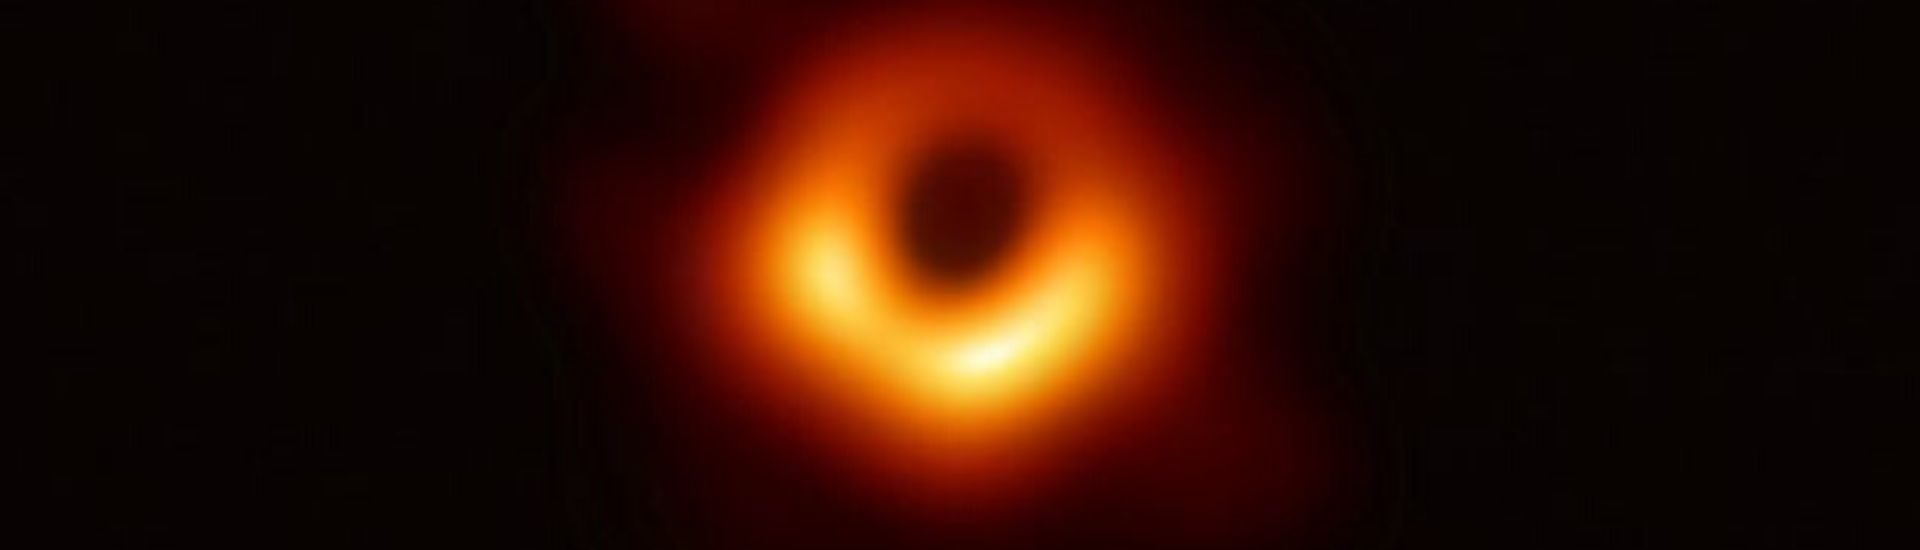 foto de un agujero negro